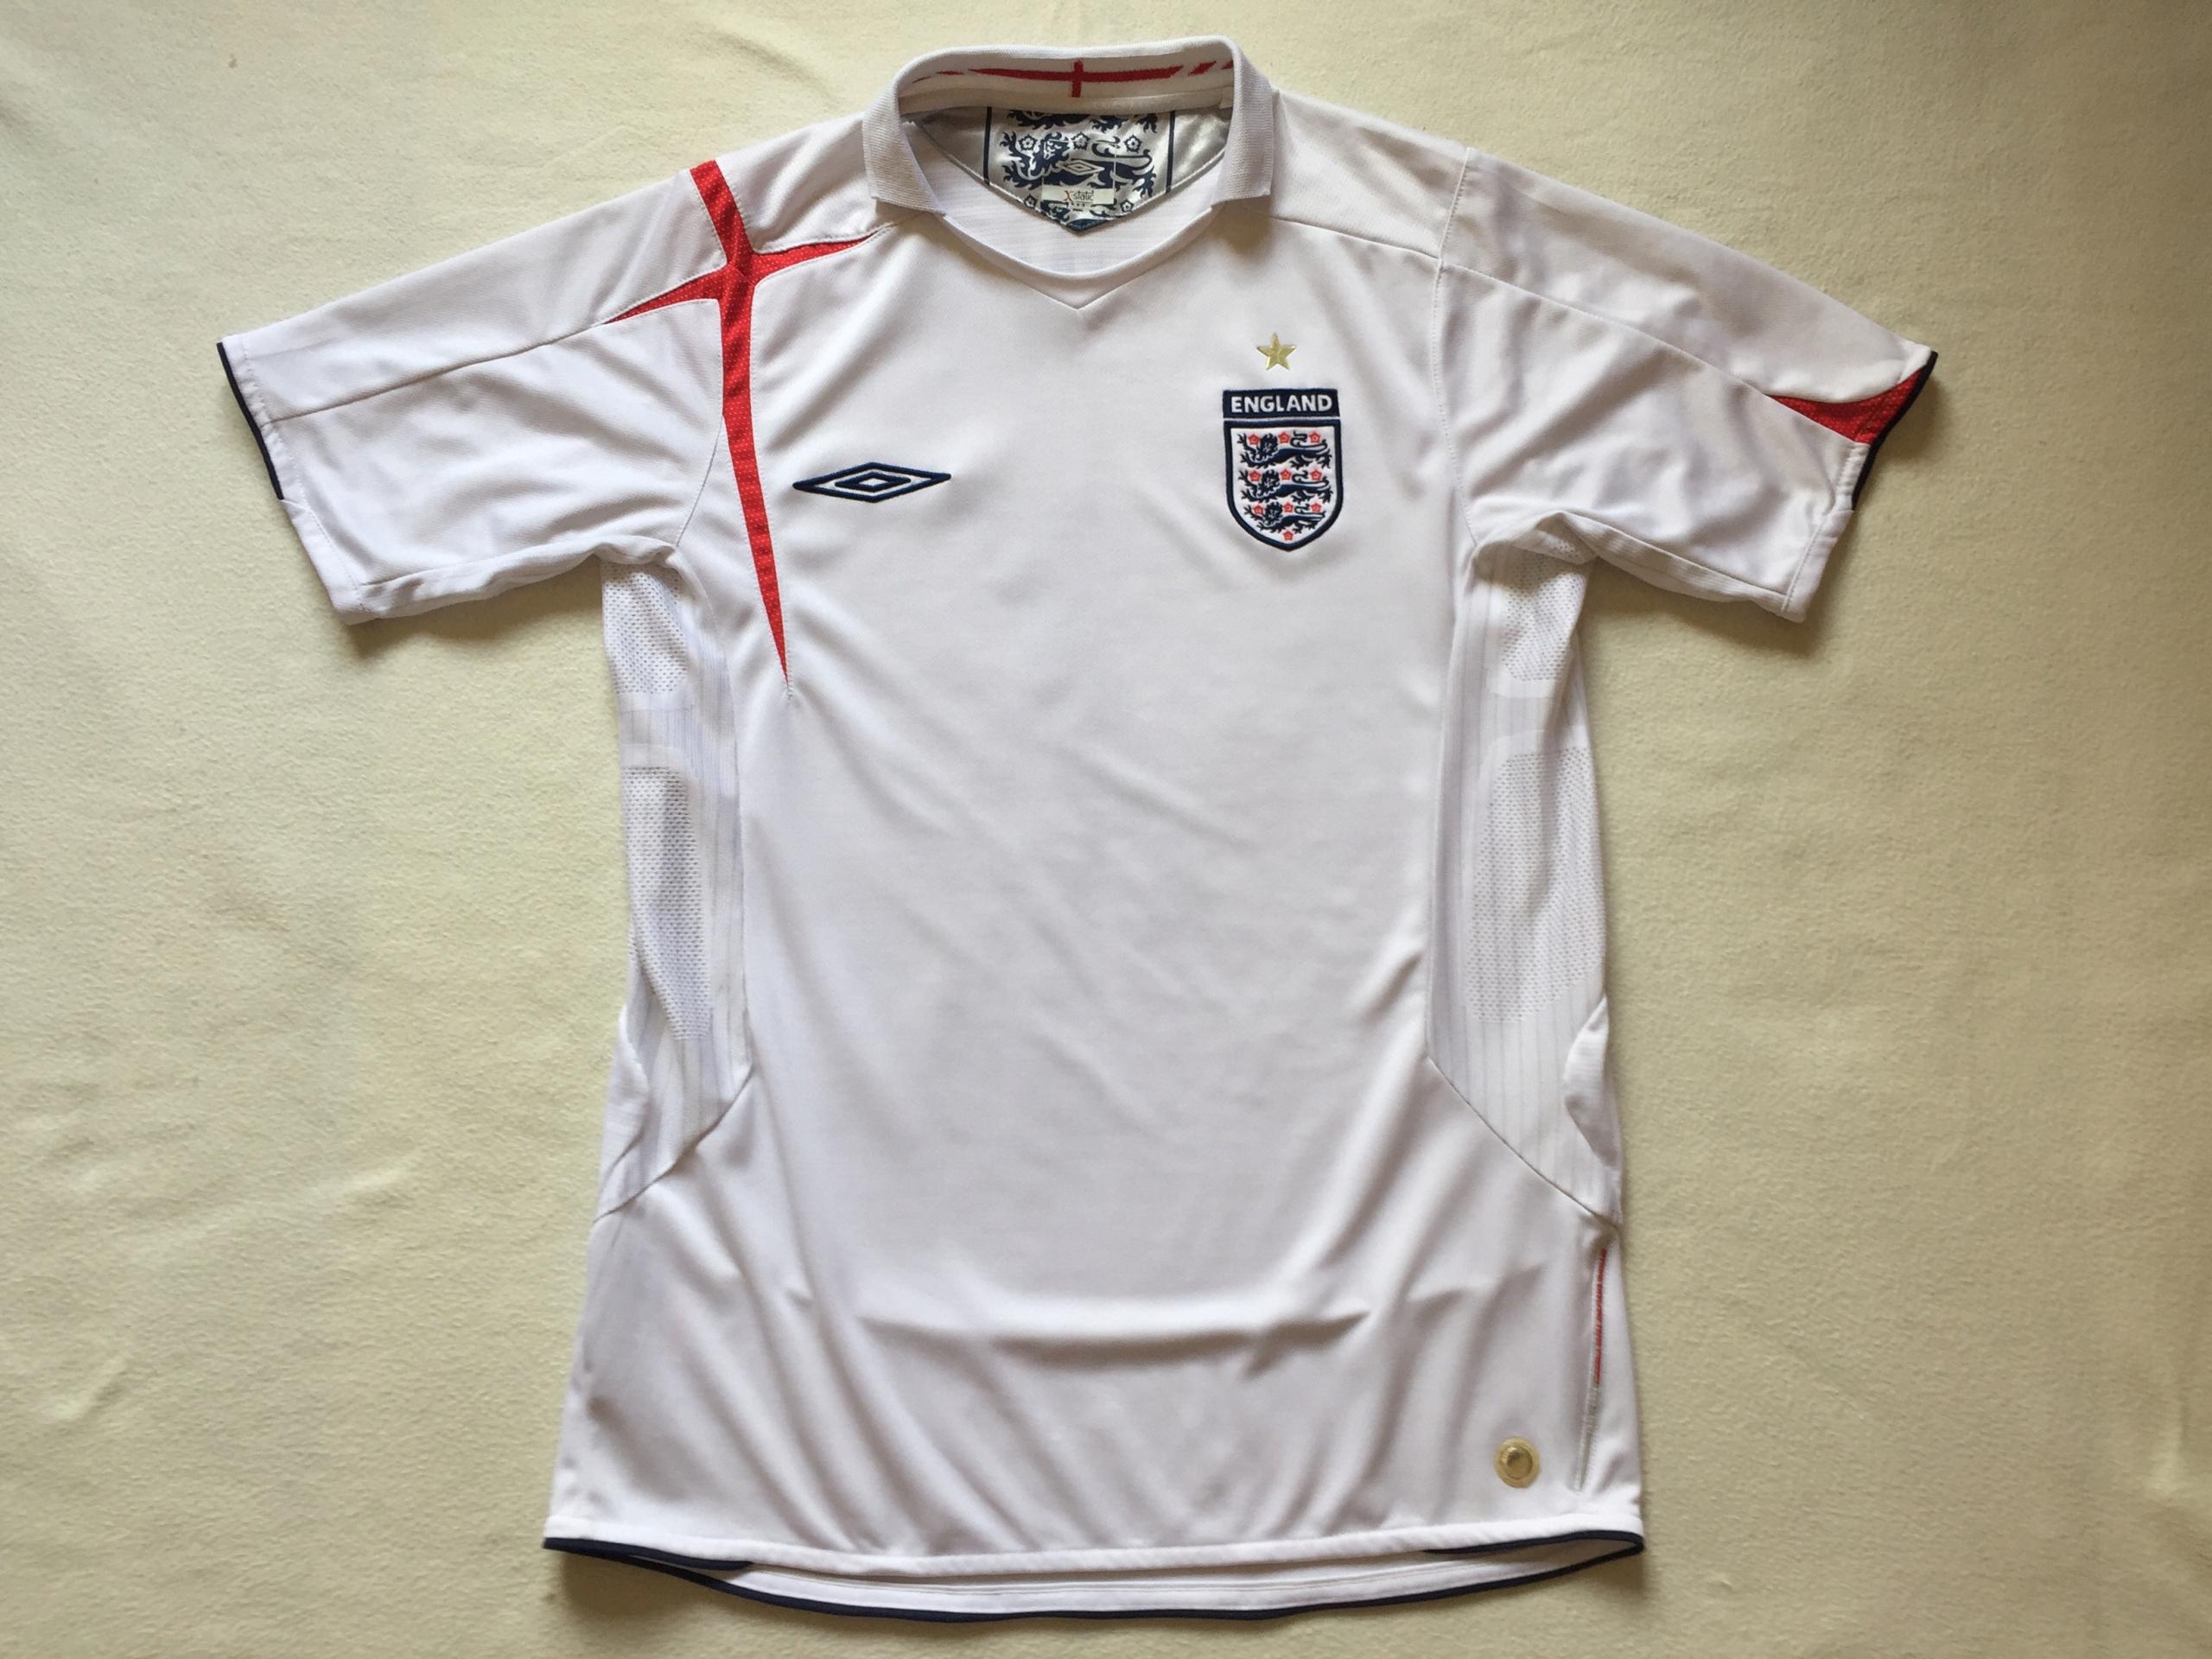 Koszulka reprezentacji Anglii-Umbro-sezon 2005/07